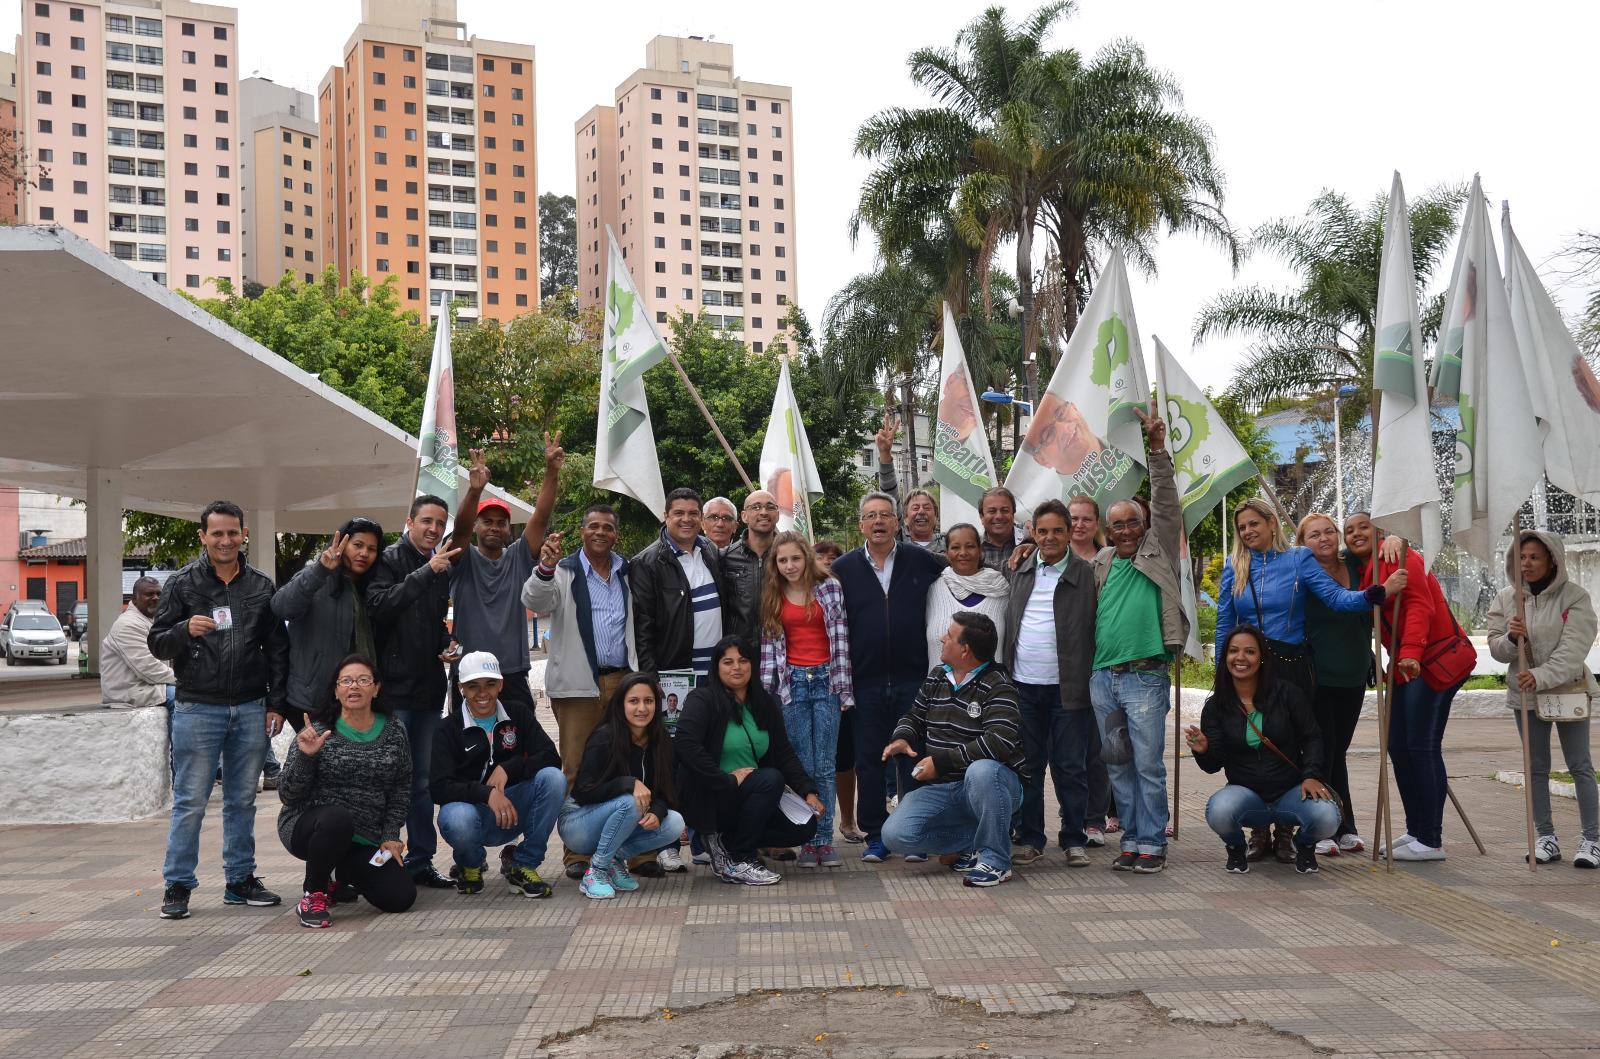 Buscarini caminhou pelas ruas do Jardim Maria Rosa e Jardim Ouro Preto